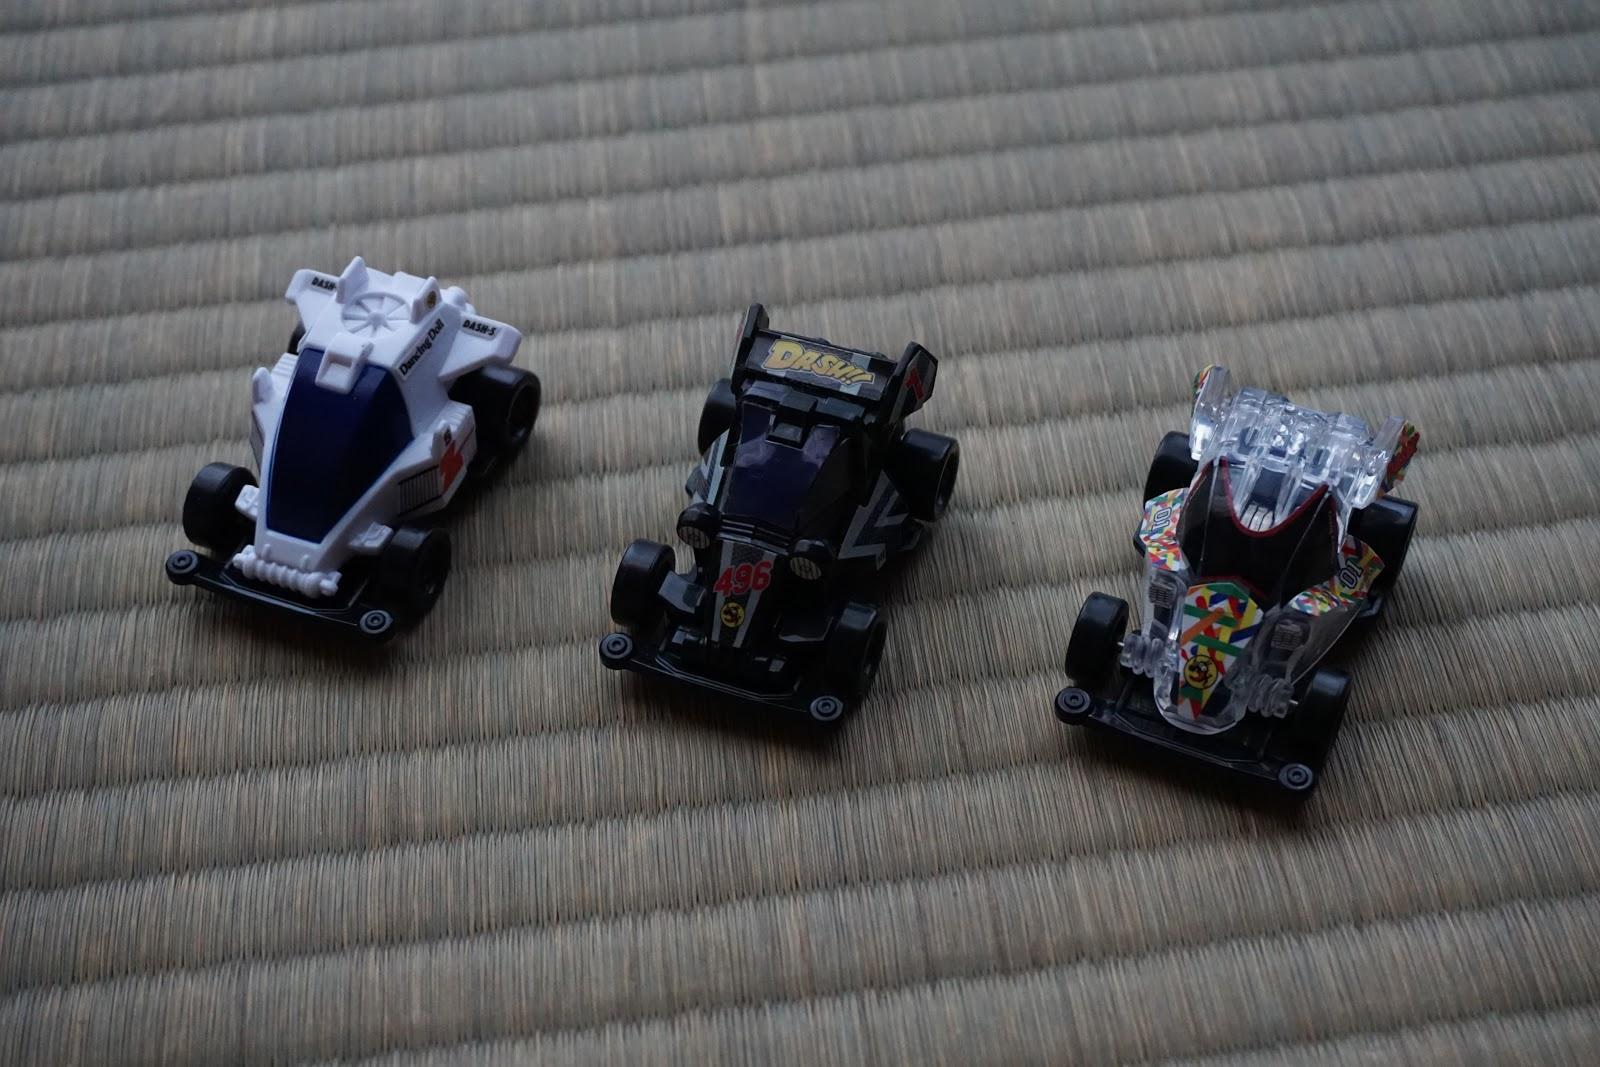 夕暮れ間近の畳の上の白と黒と透明の三台の小さなミニ四駆